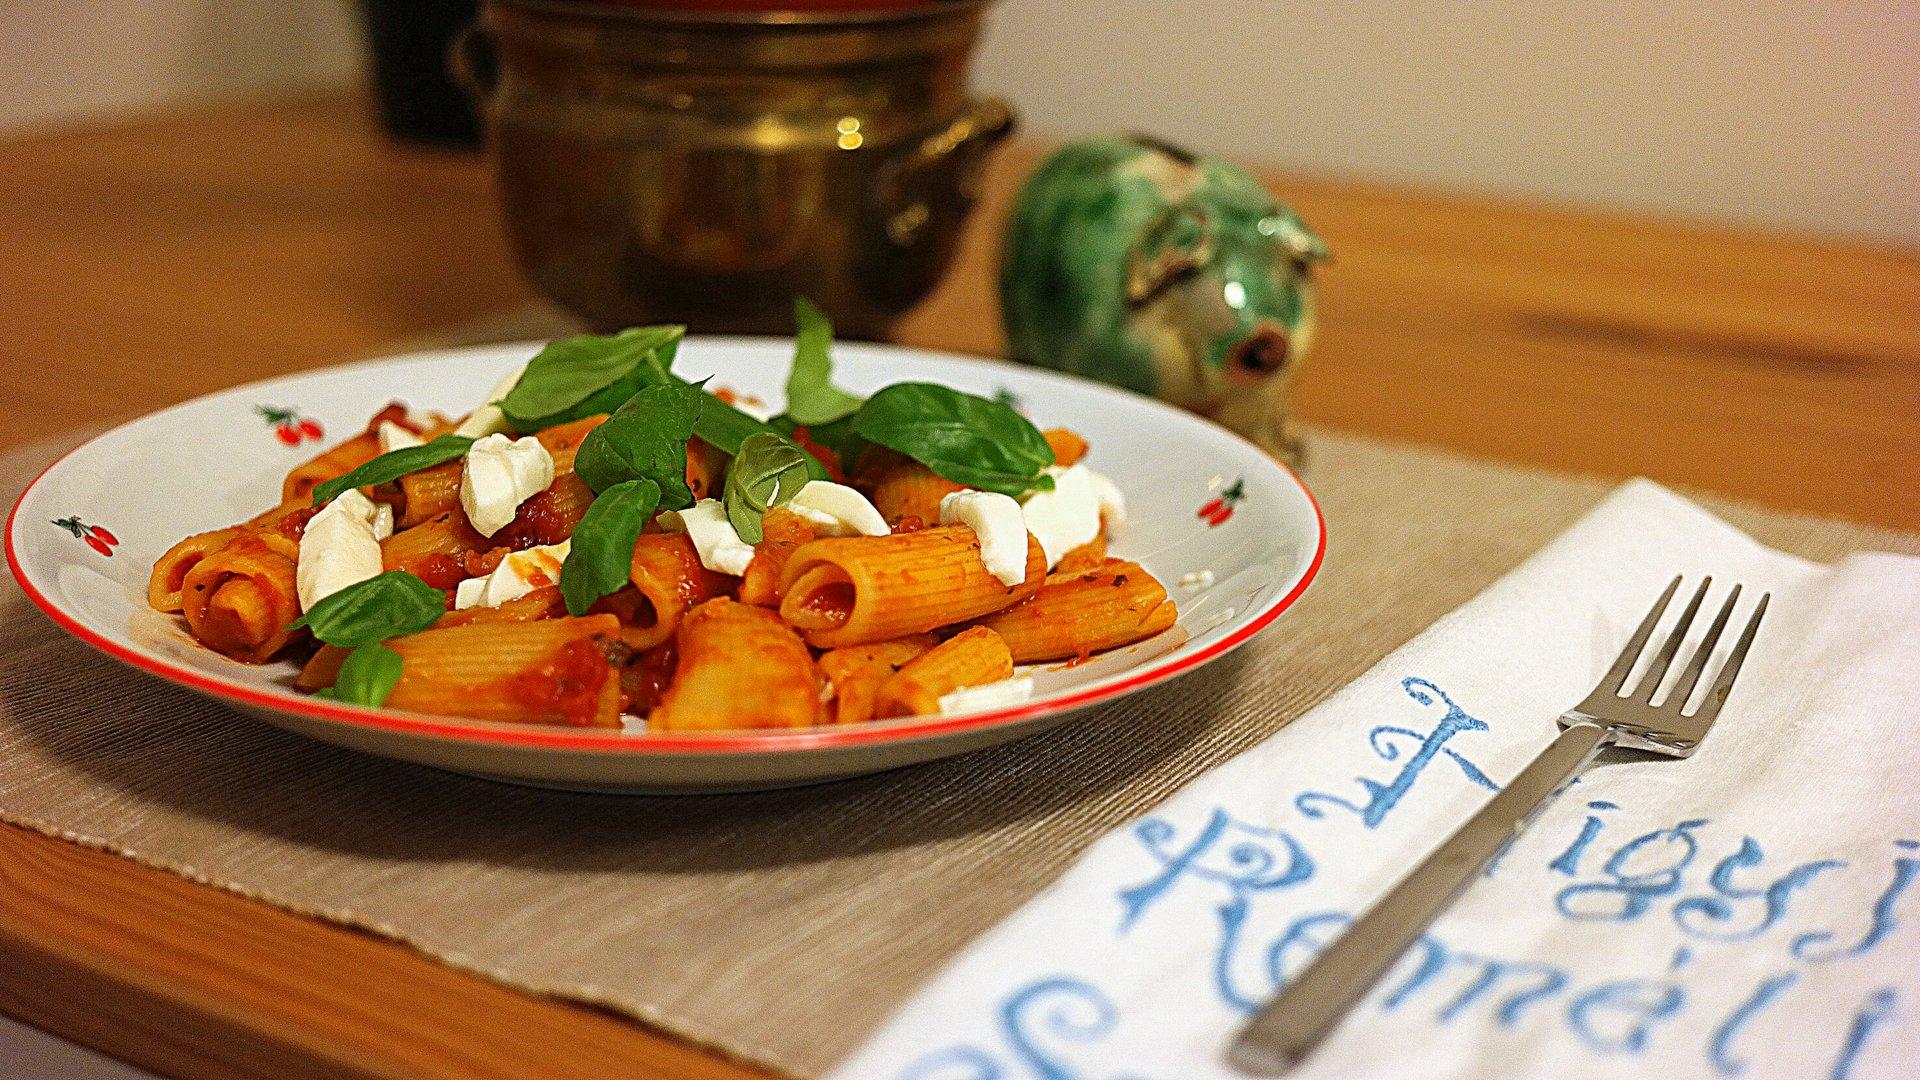 Olasz paradicsomszószos tészta – finomat, minőségit nagyon egyszerűen és nagyon gyorsan